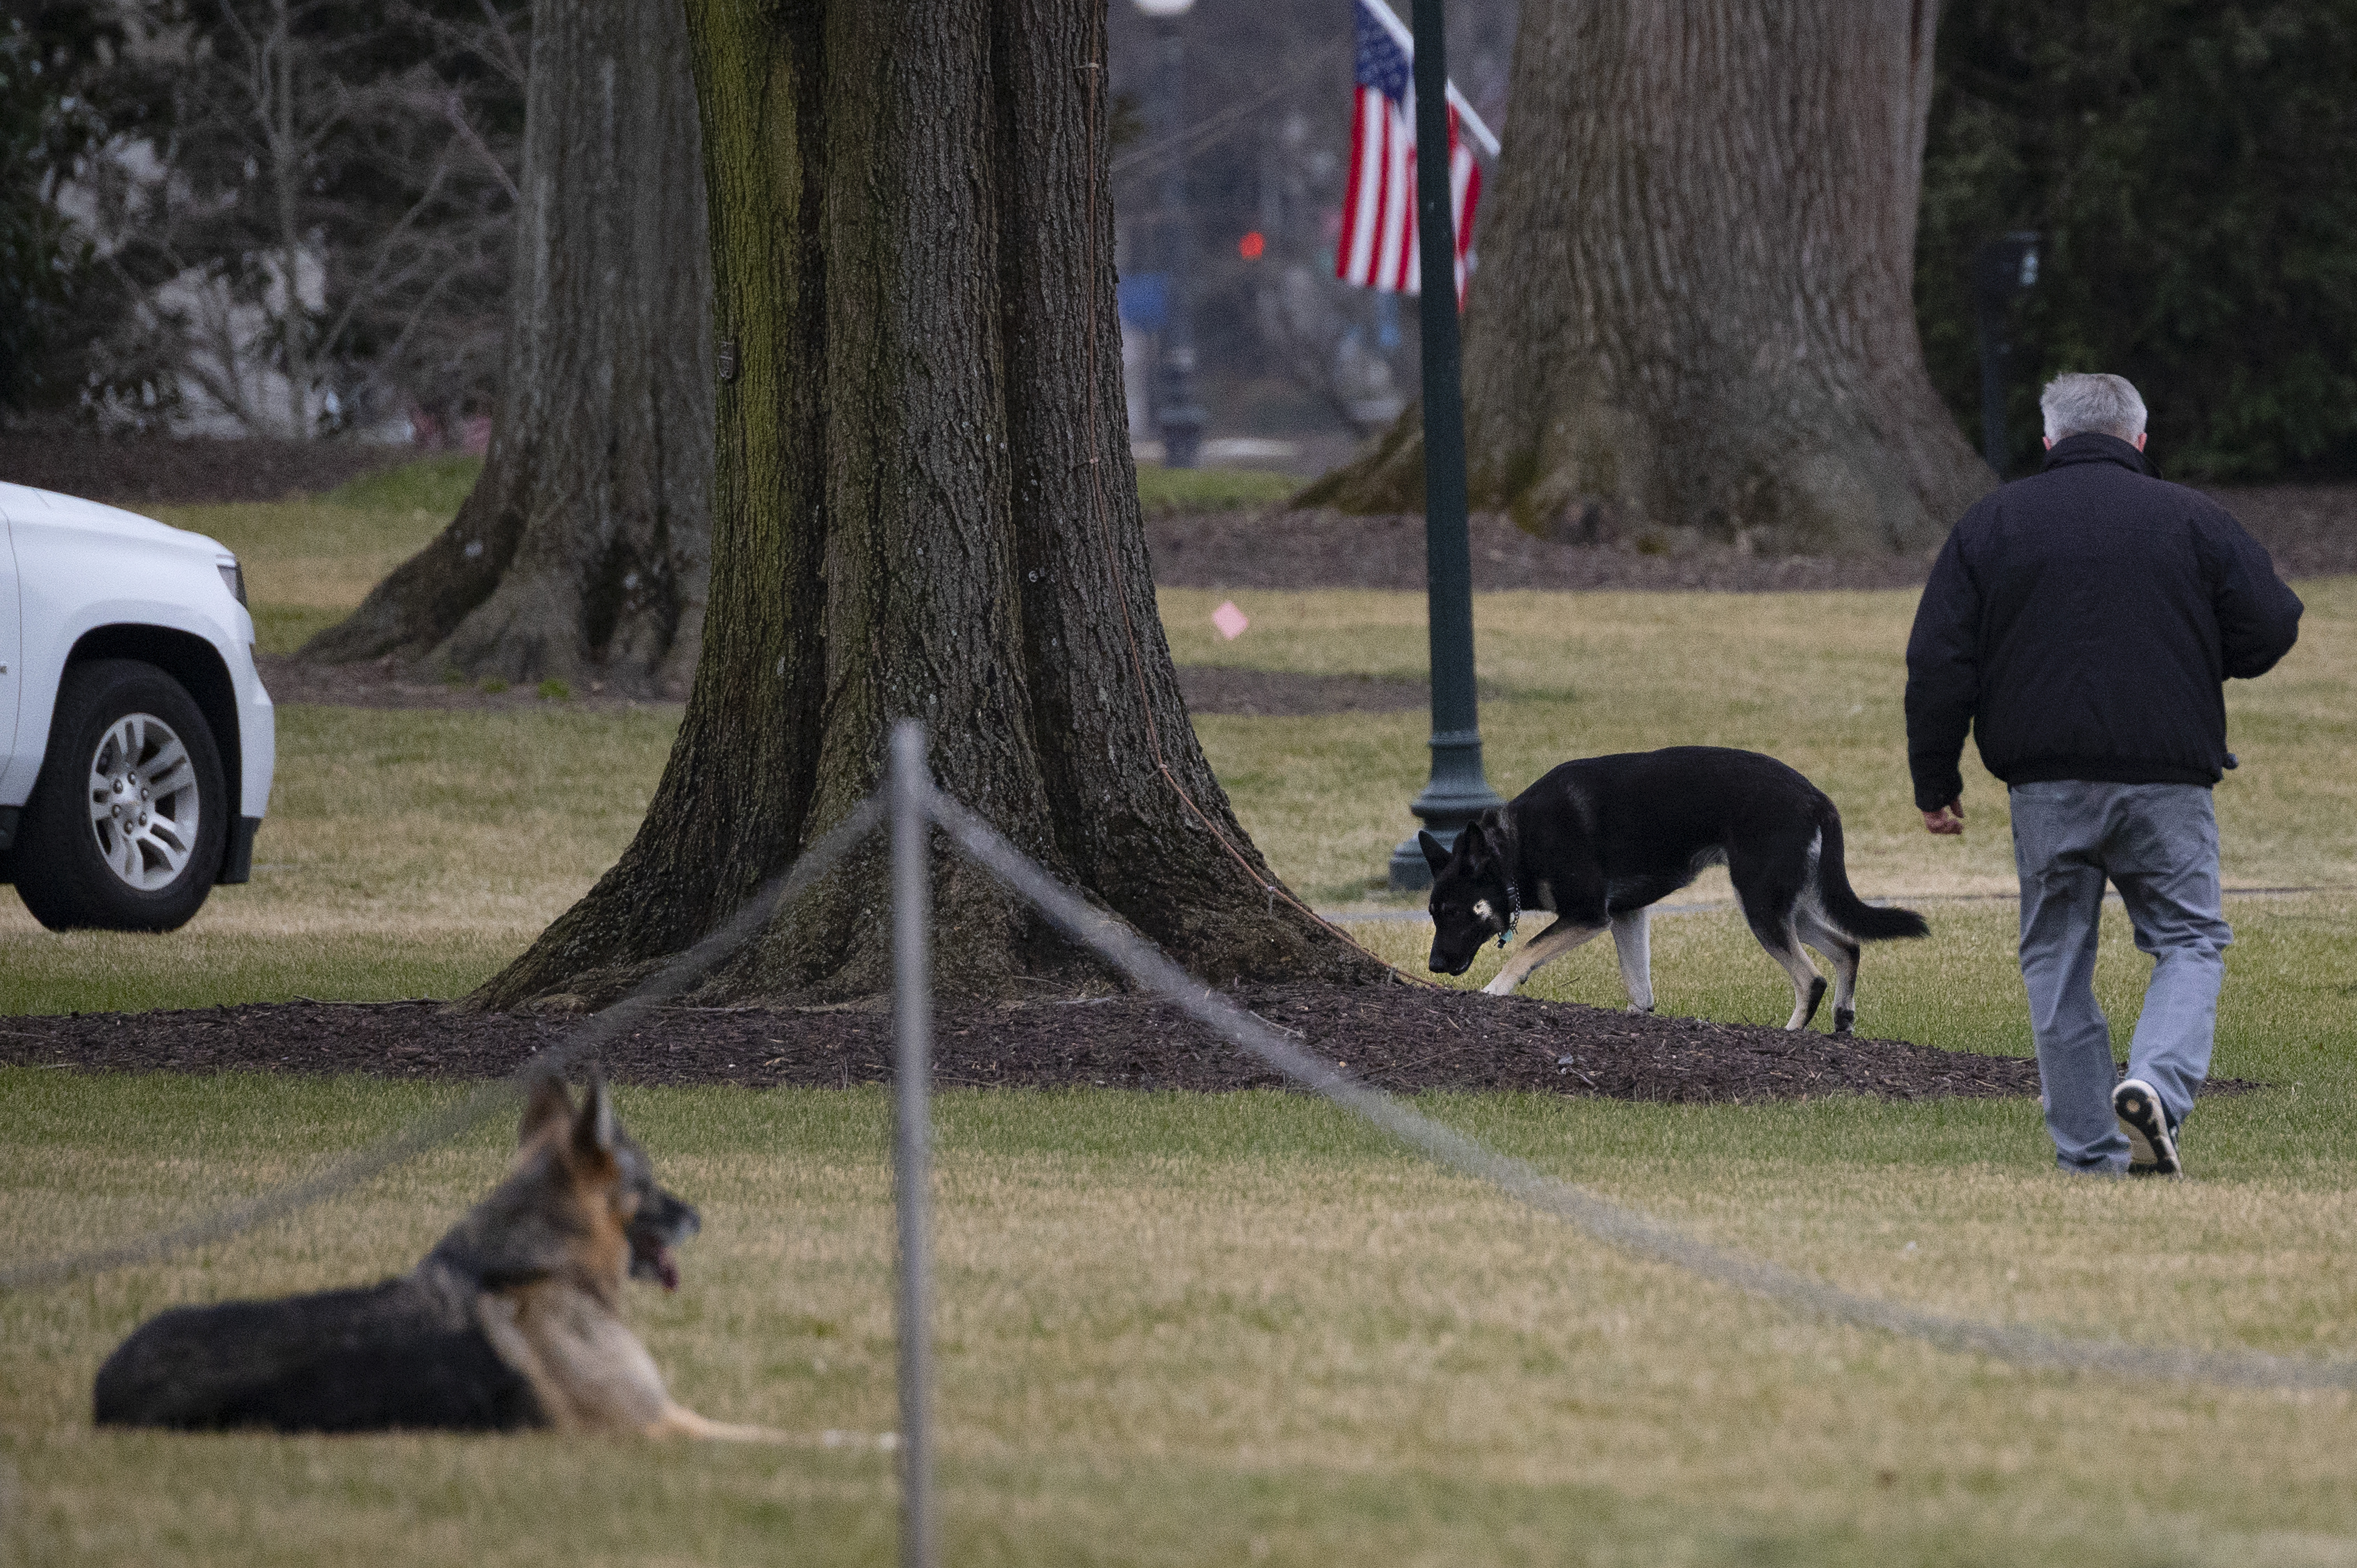 Visszatértek az elnöki háziállatok a Fehér Házba